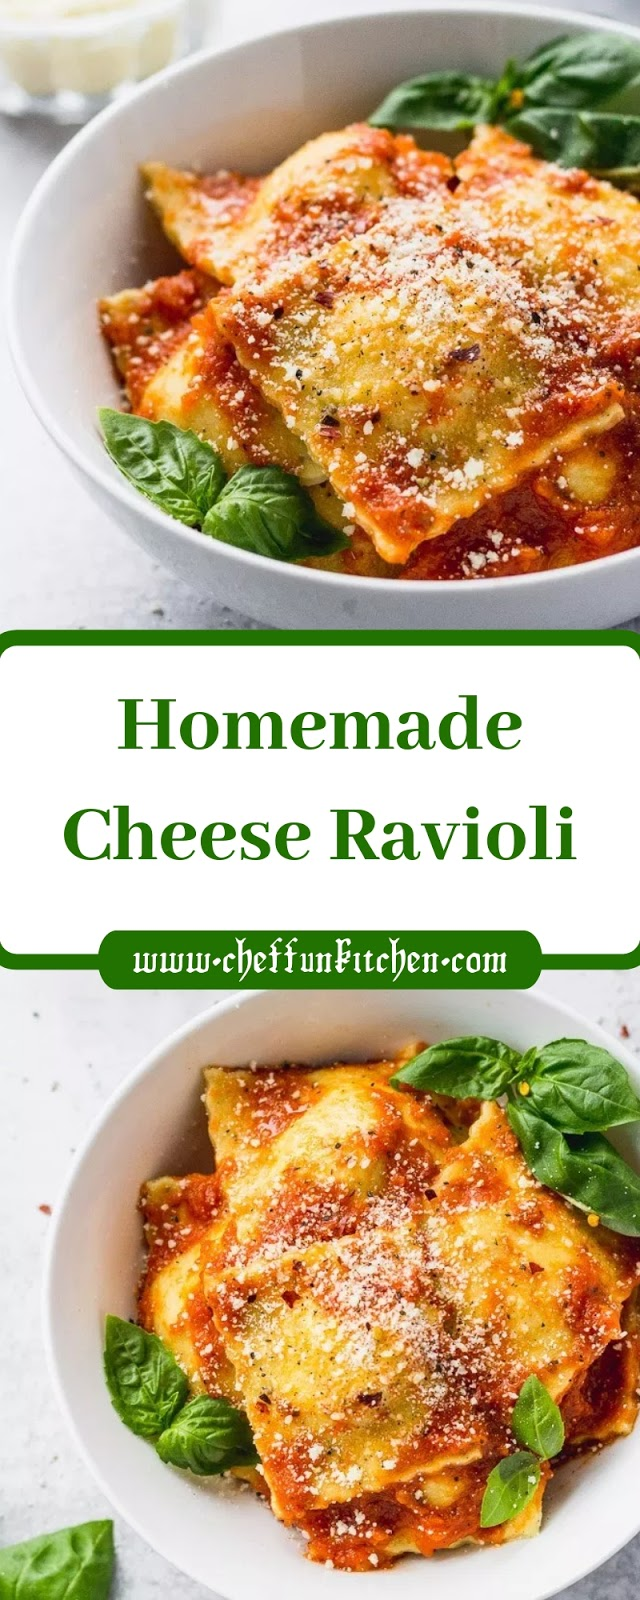 Homemade Cheese Ravioli